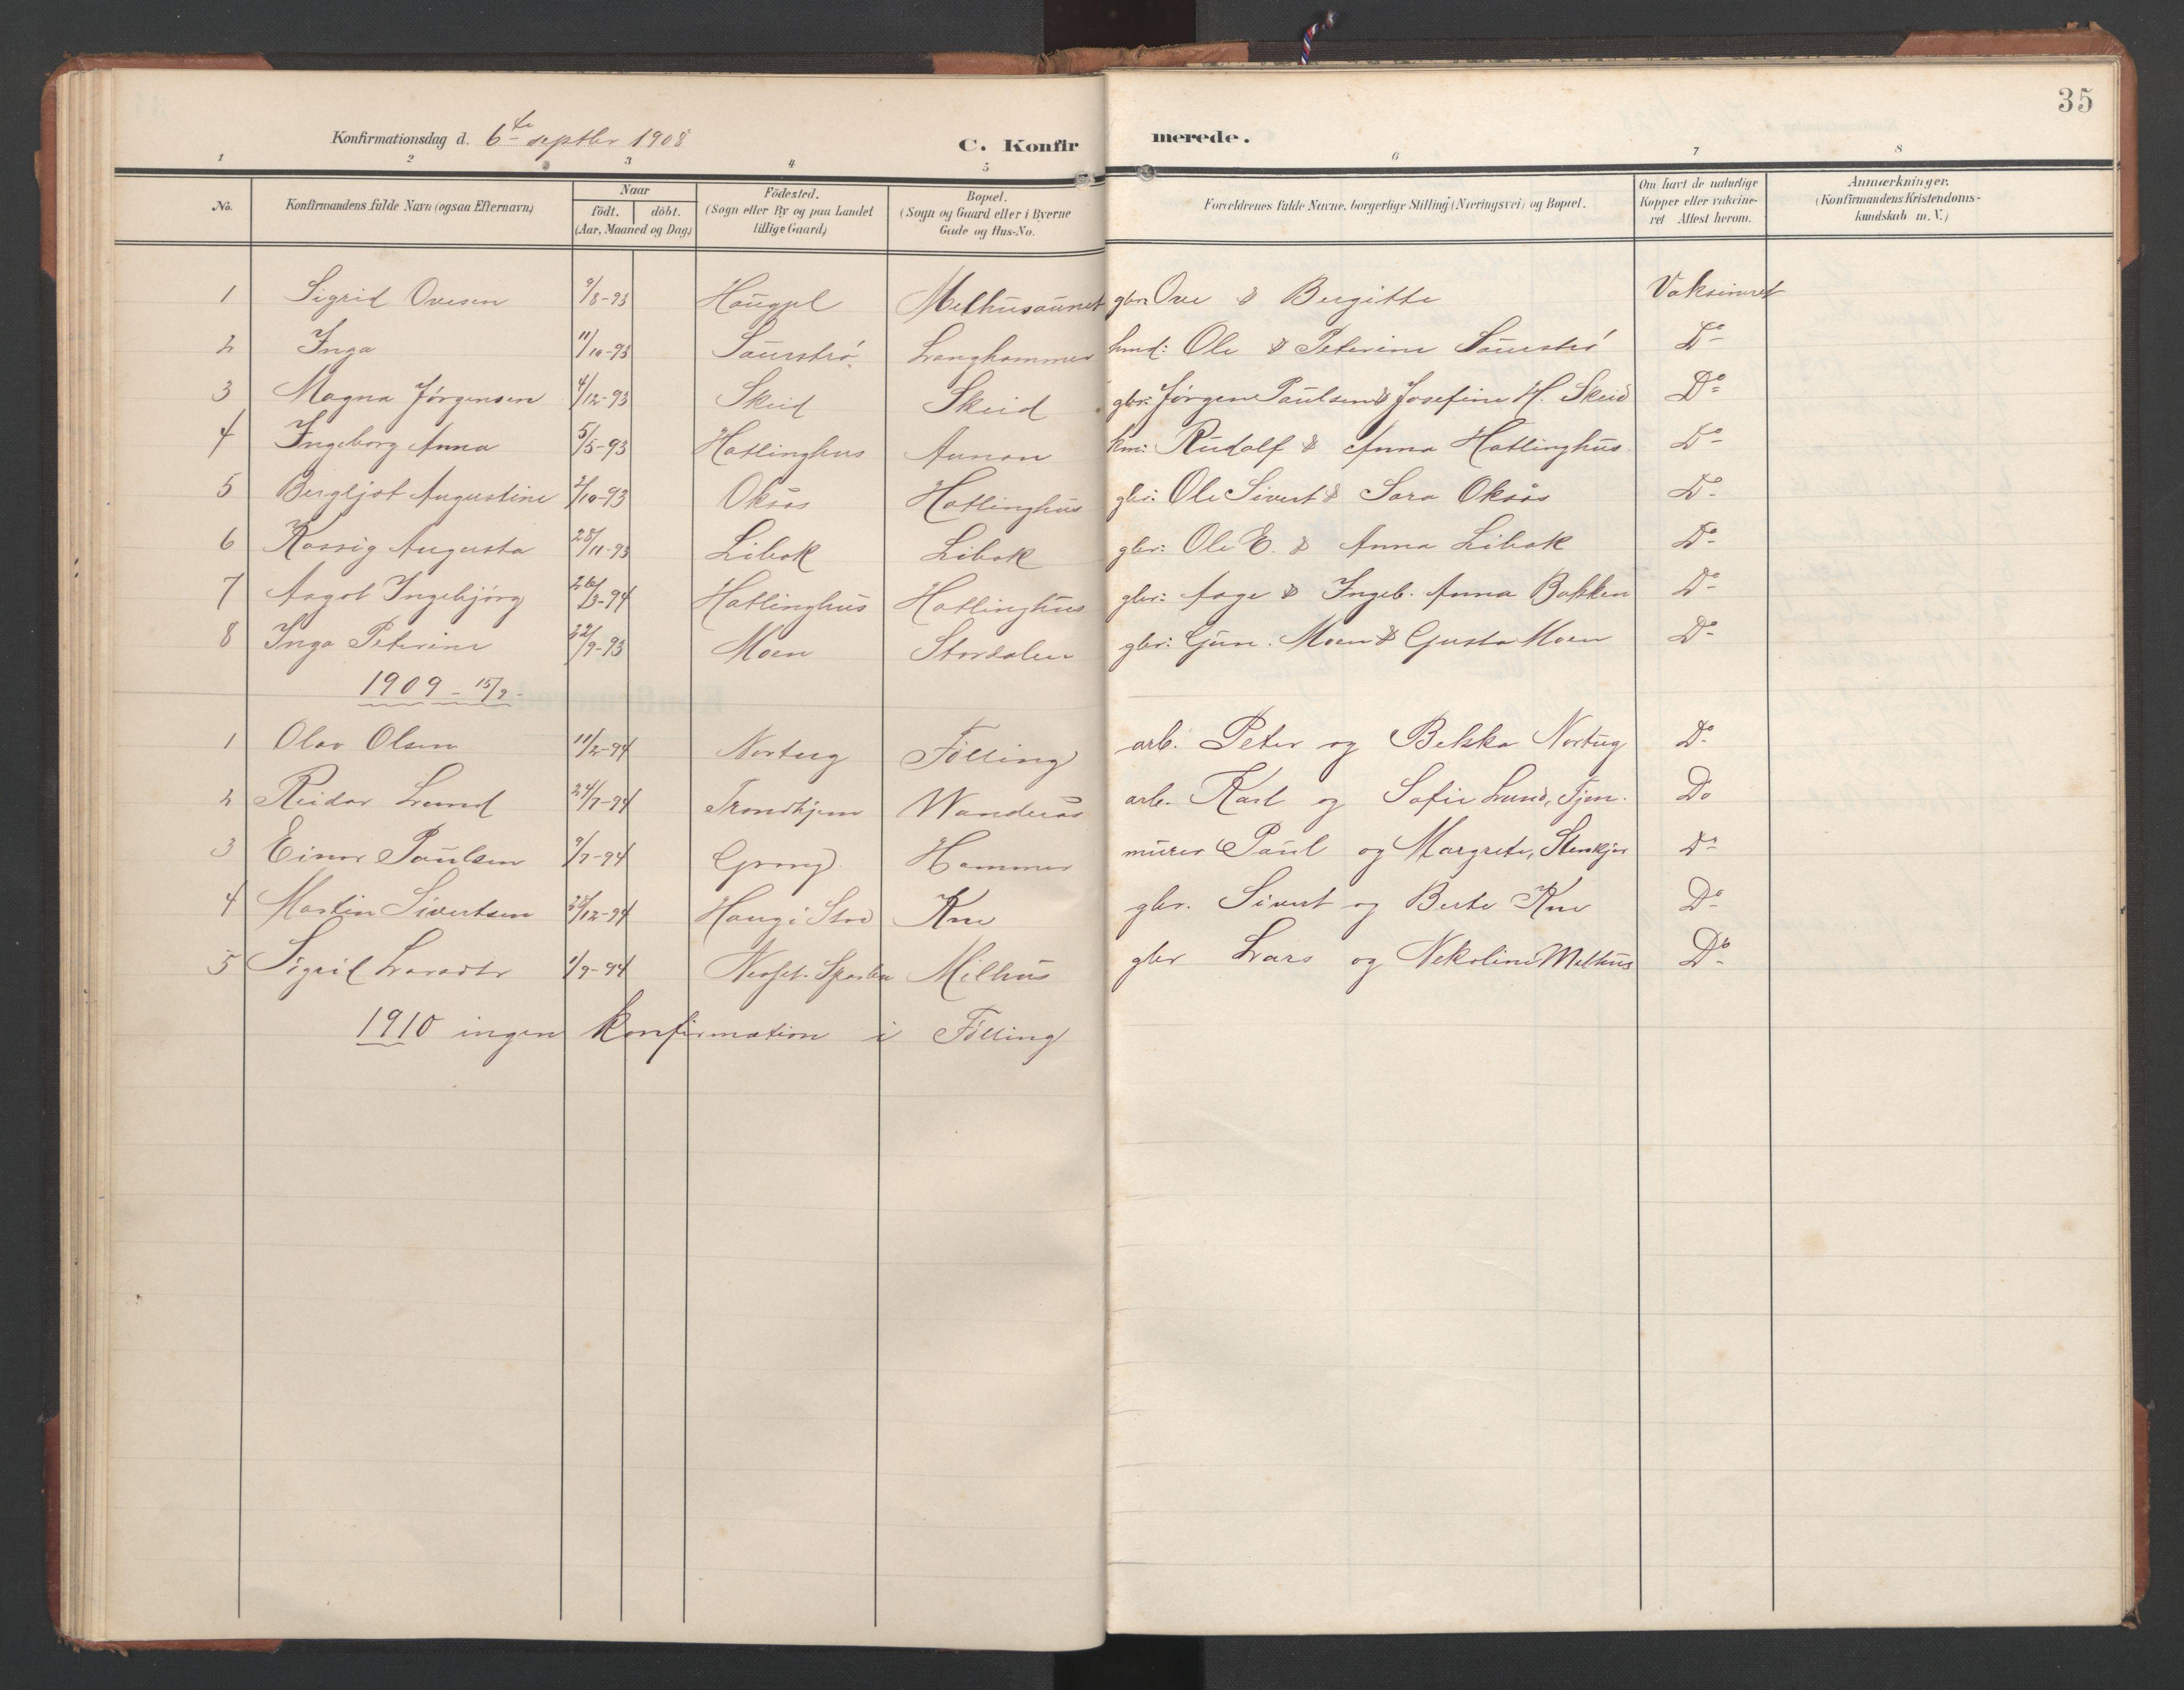 SAT, Ministerialprotokoller, klokkerbøker og fødselsregistre - Nord-Trøndelag, 748/L0465: Klokkerbok nr. 748C01, 1908-1960, s. 35